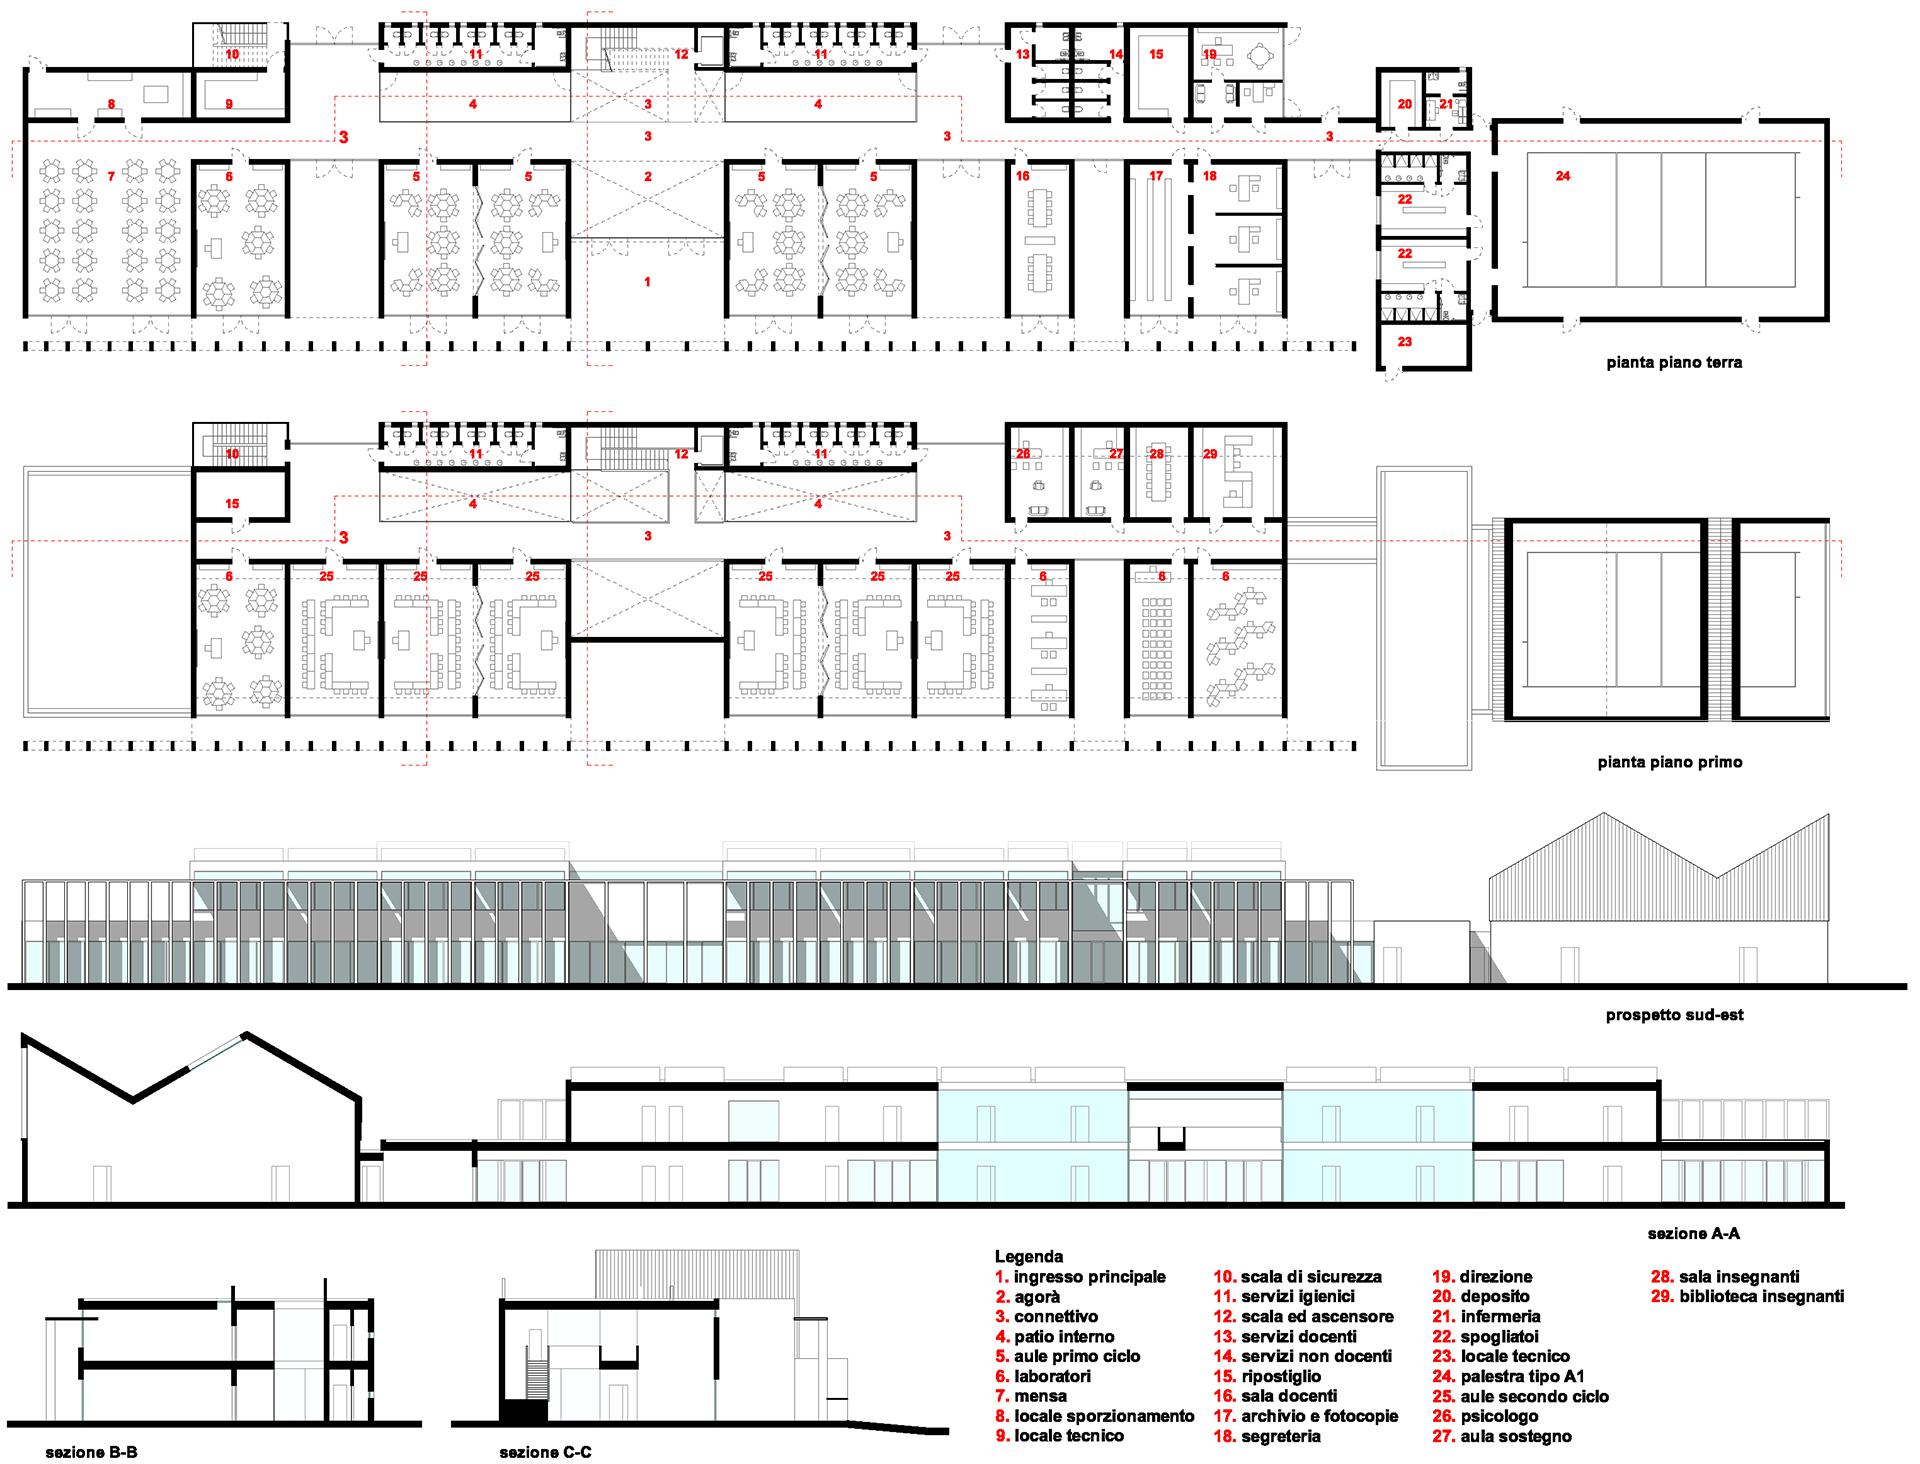 scuola primaria di viale tornio. disegni tecnici, piante prospetti e sezioni.